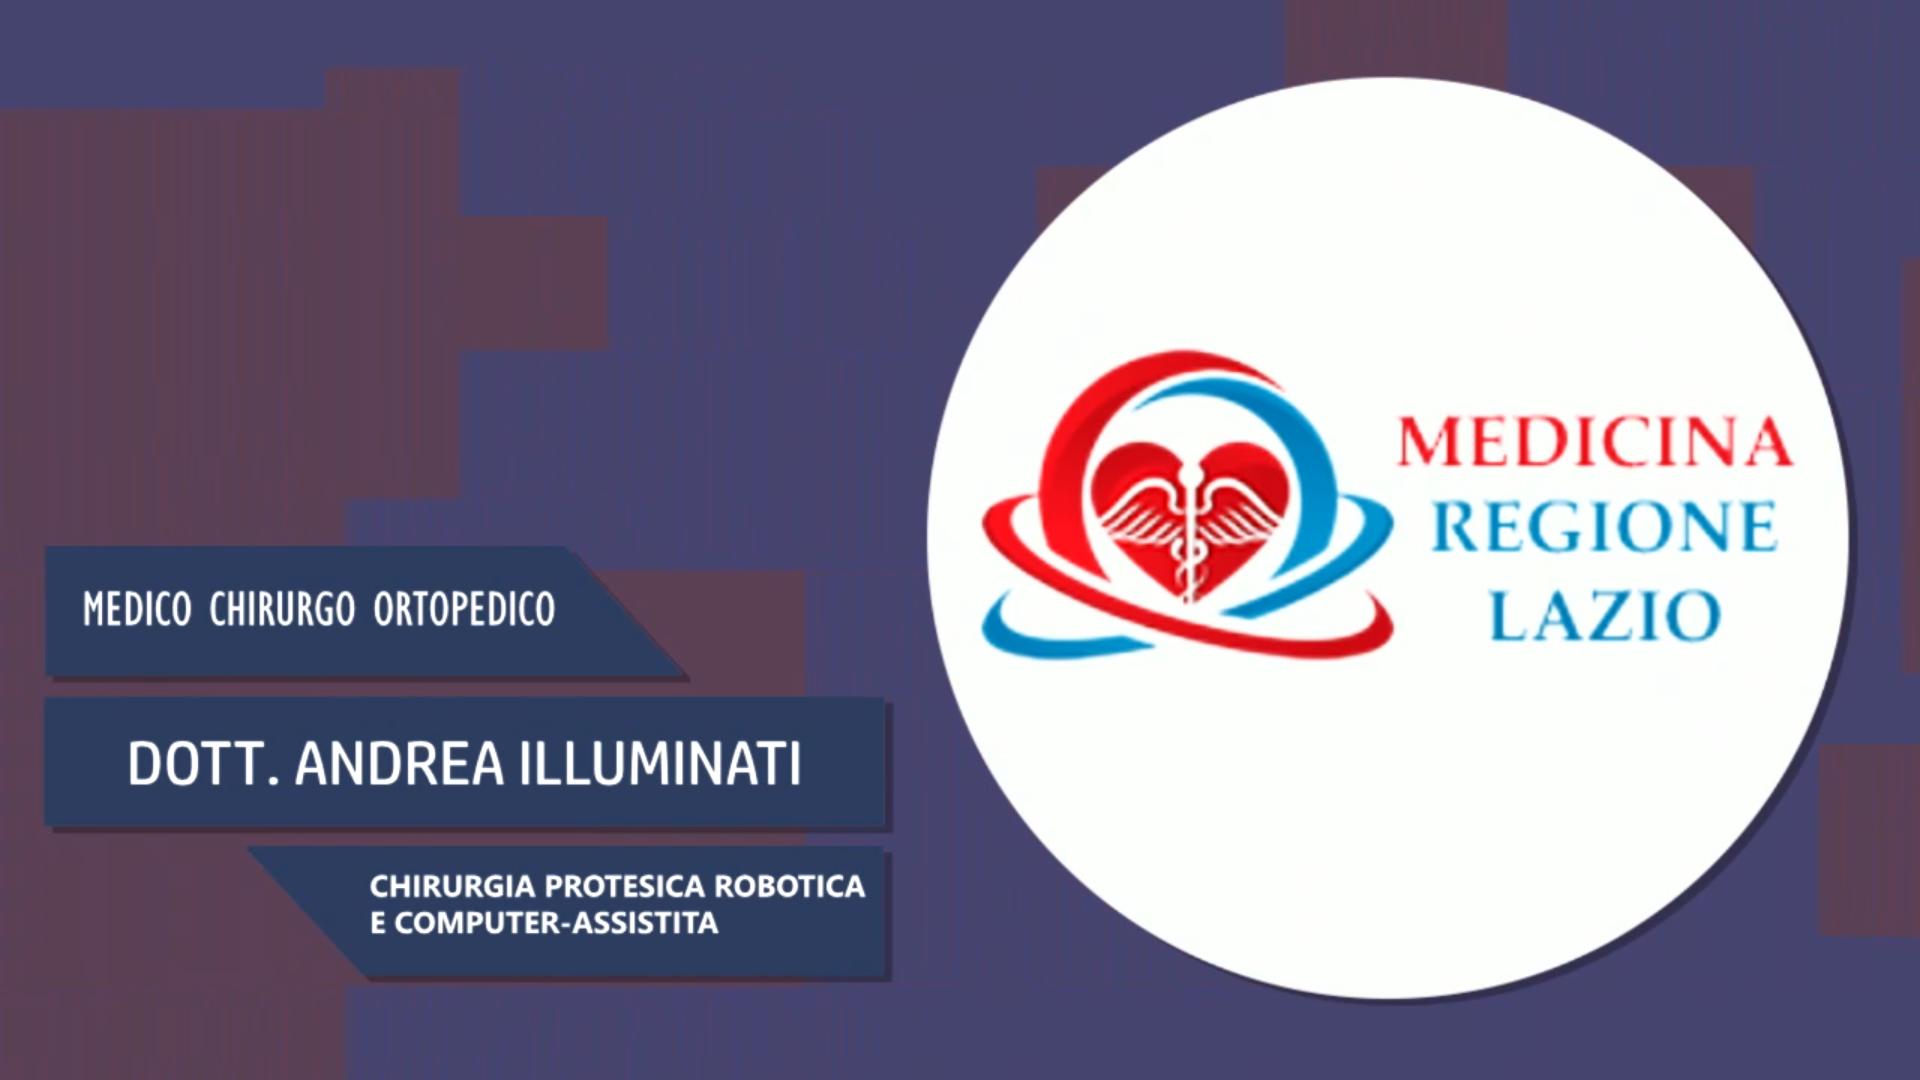 Intervista al Dott. Andrea Illuminati – Chirurgia protesica robotica e computer-assistita